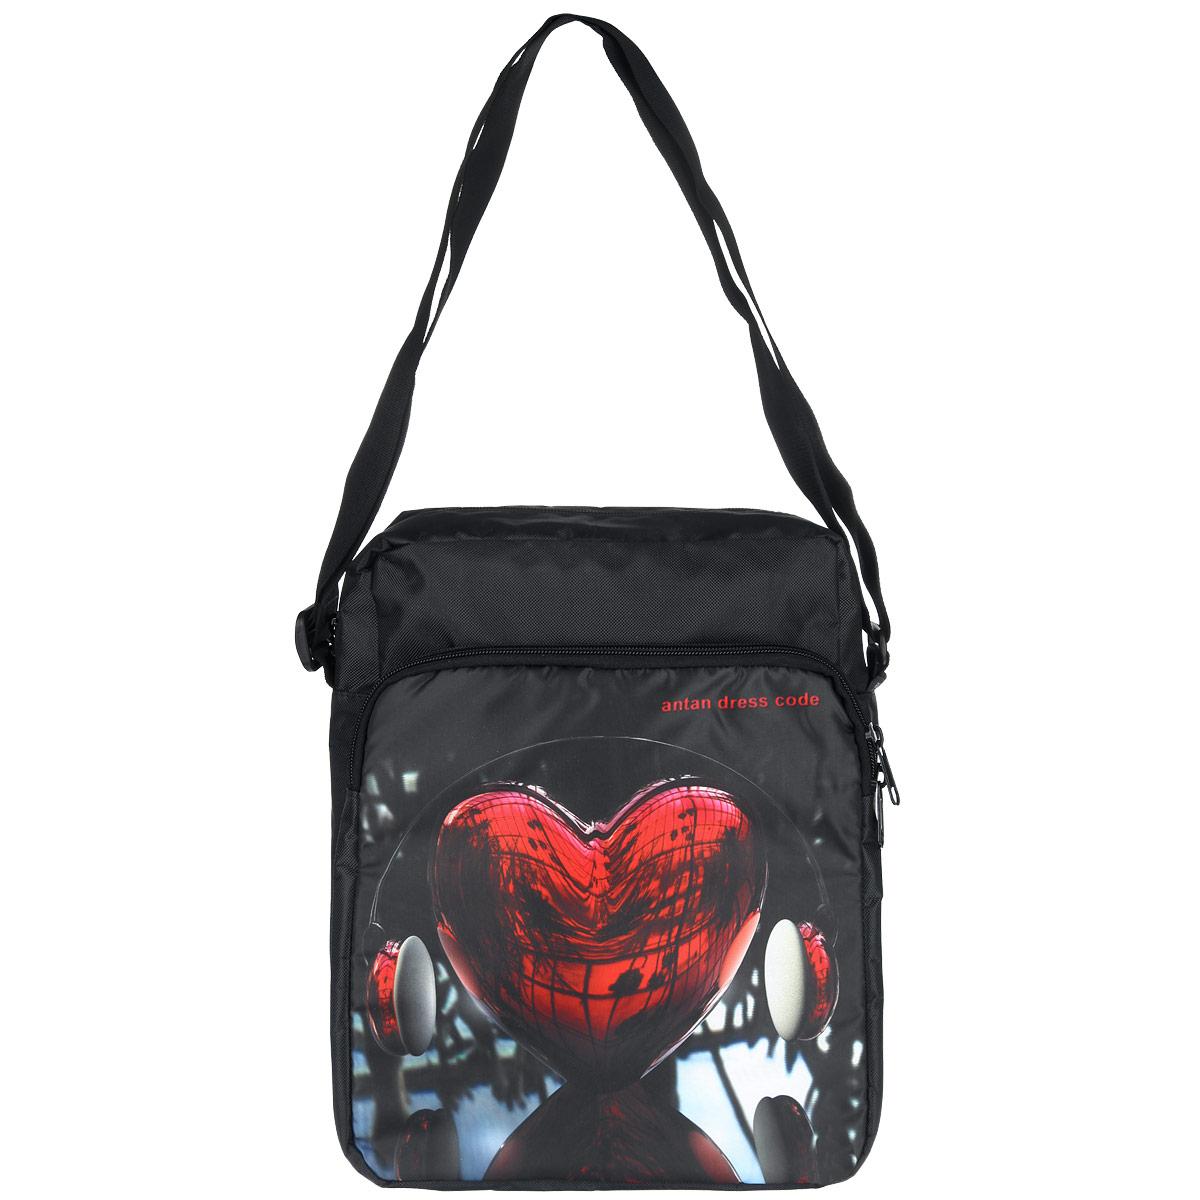 Сумка молодежная Antan love radio, цвет: черный, мультицвет. 1-1431-143Стильная молодежная сумка Antan выполнена из полиэстера черного цвета и оформлена оригинальным принтом. Сумка, закрывающаяся на застежку-молнию с двумя бегунками, состоит из одного основного отделения, внутри содержащего карман на застежке-молнии. Снаружи, на лицевой стороне сумки, располагается накладной карман на застежке-молнии с двумя бегунками. Сумка оснащена регулируемым плечевым ремнем, он удобен в носке, обеспечивает максимальный комфорт. Дно дополнено жесткой вставкой. Такая сумка идеально дополнит ваш образ и позволит всегда быть в тренде.